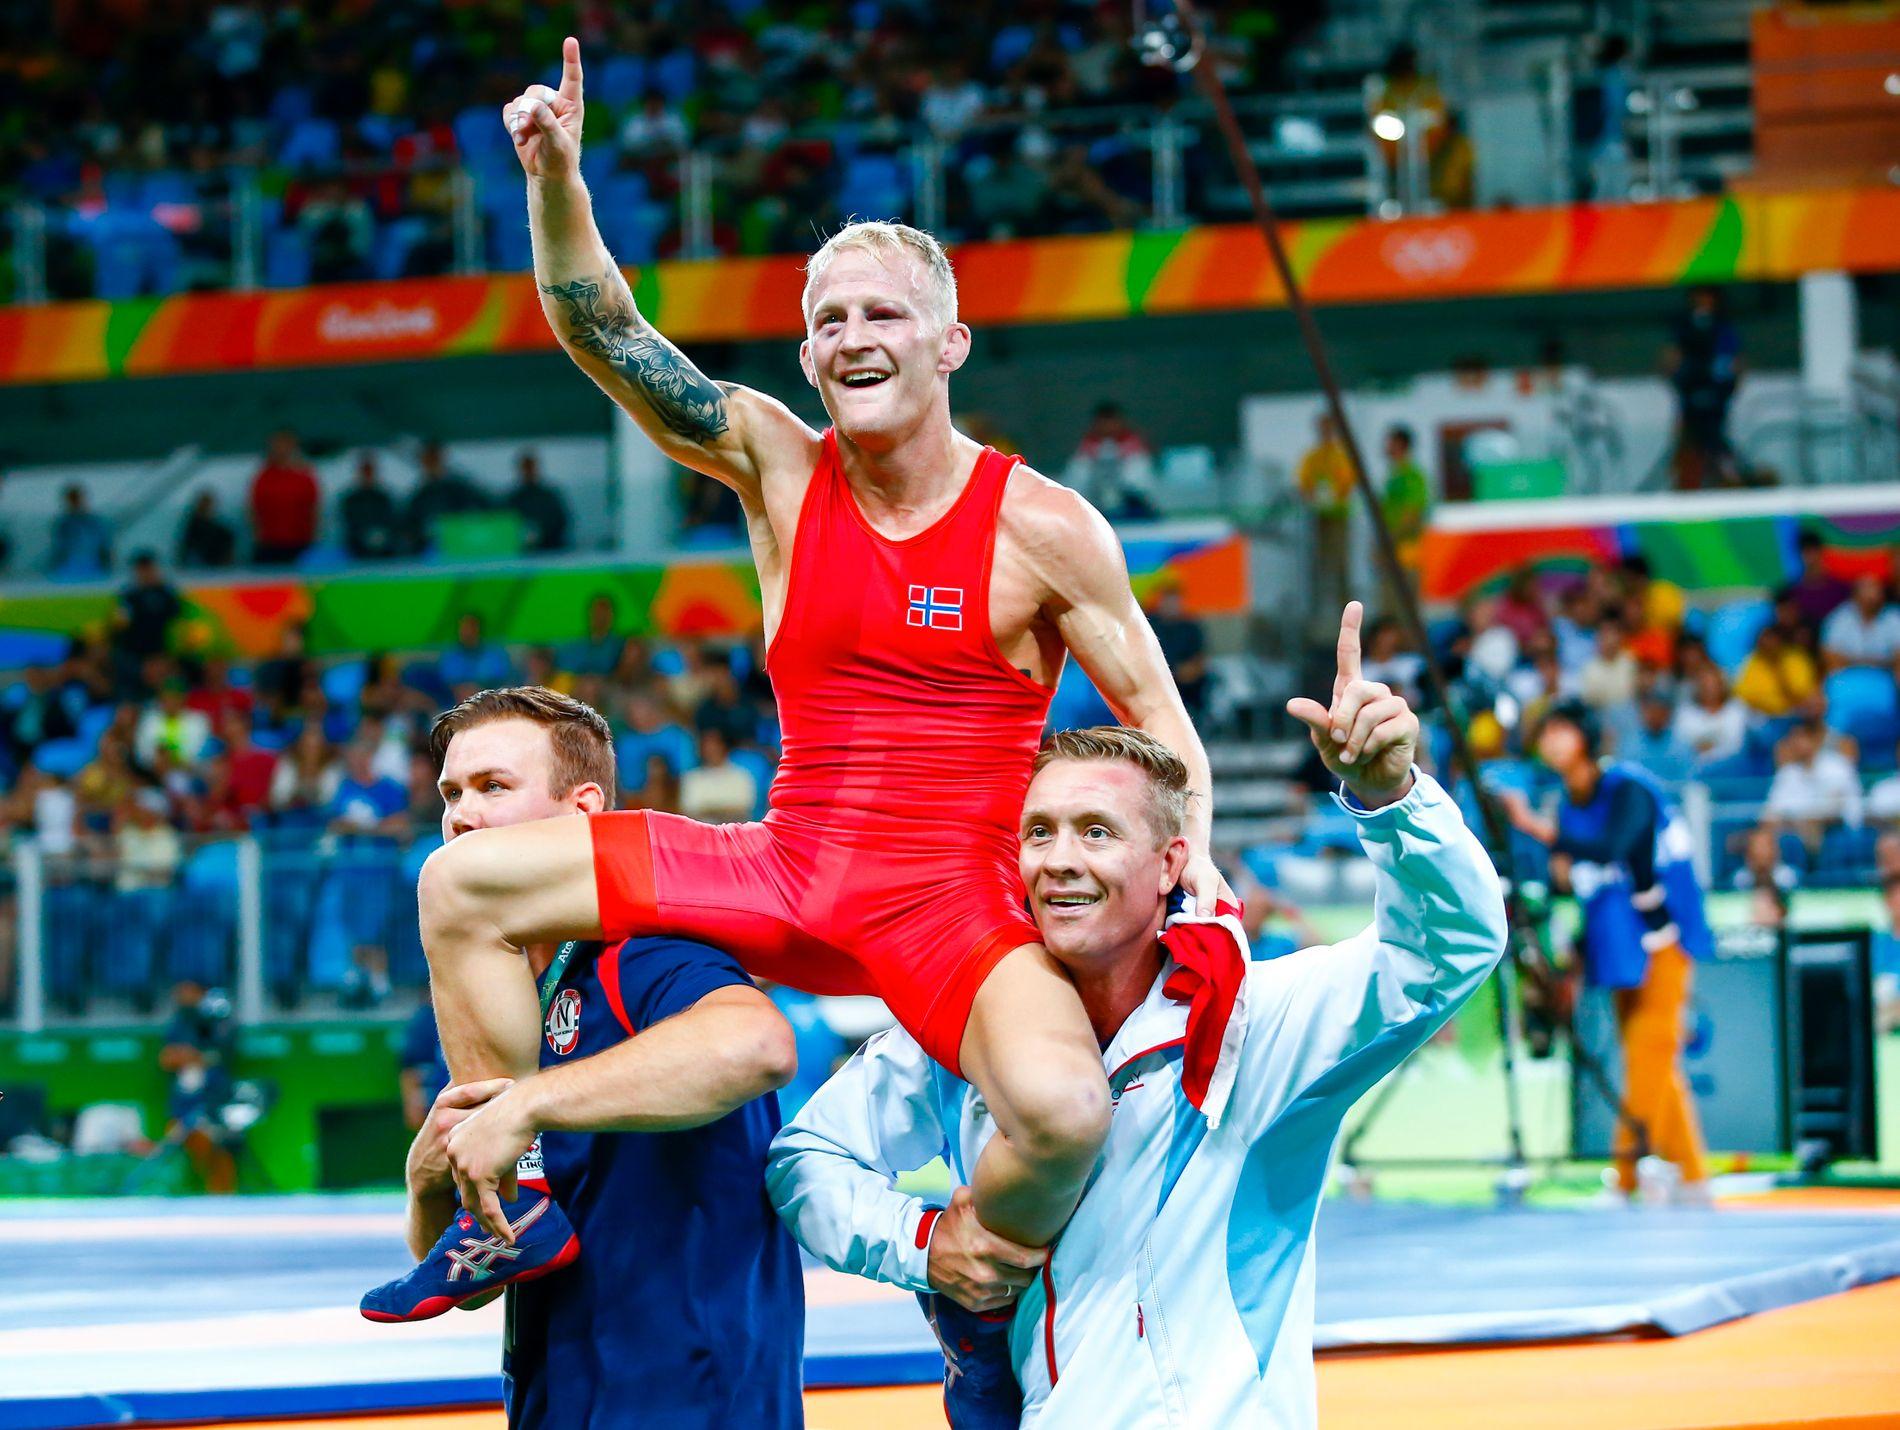 IKONISK: Stig-André Berge ble en av Norges få lyspunkter under OL i Rio de Janeiro, og ble båret på gullstol etter bronsen var sikret.